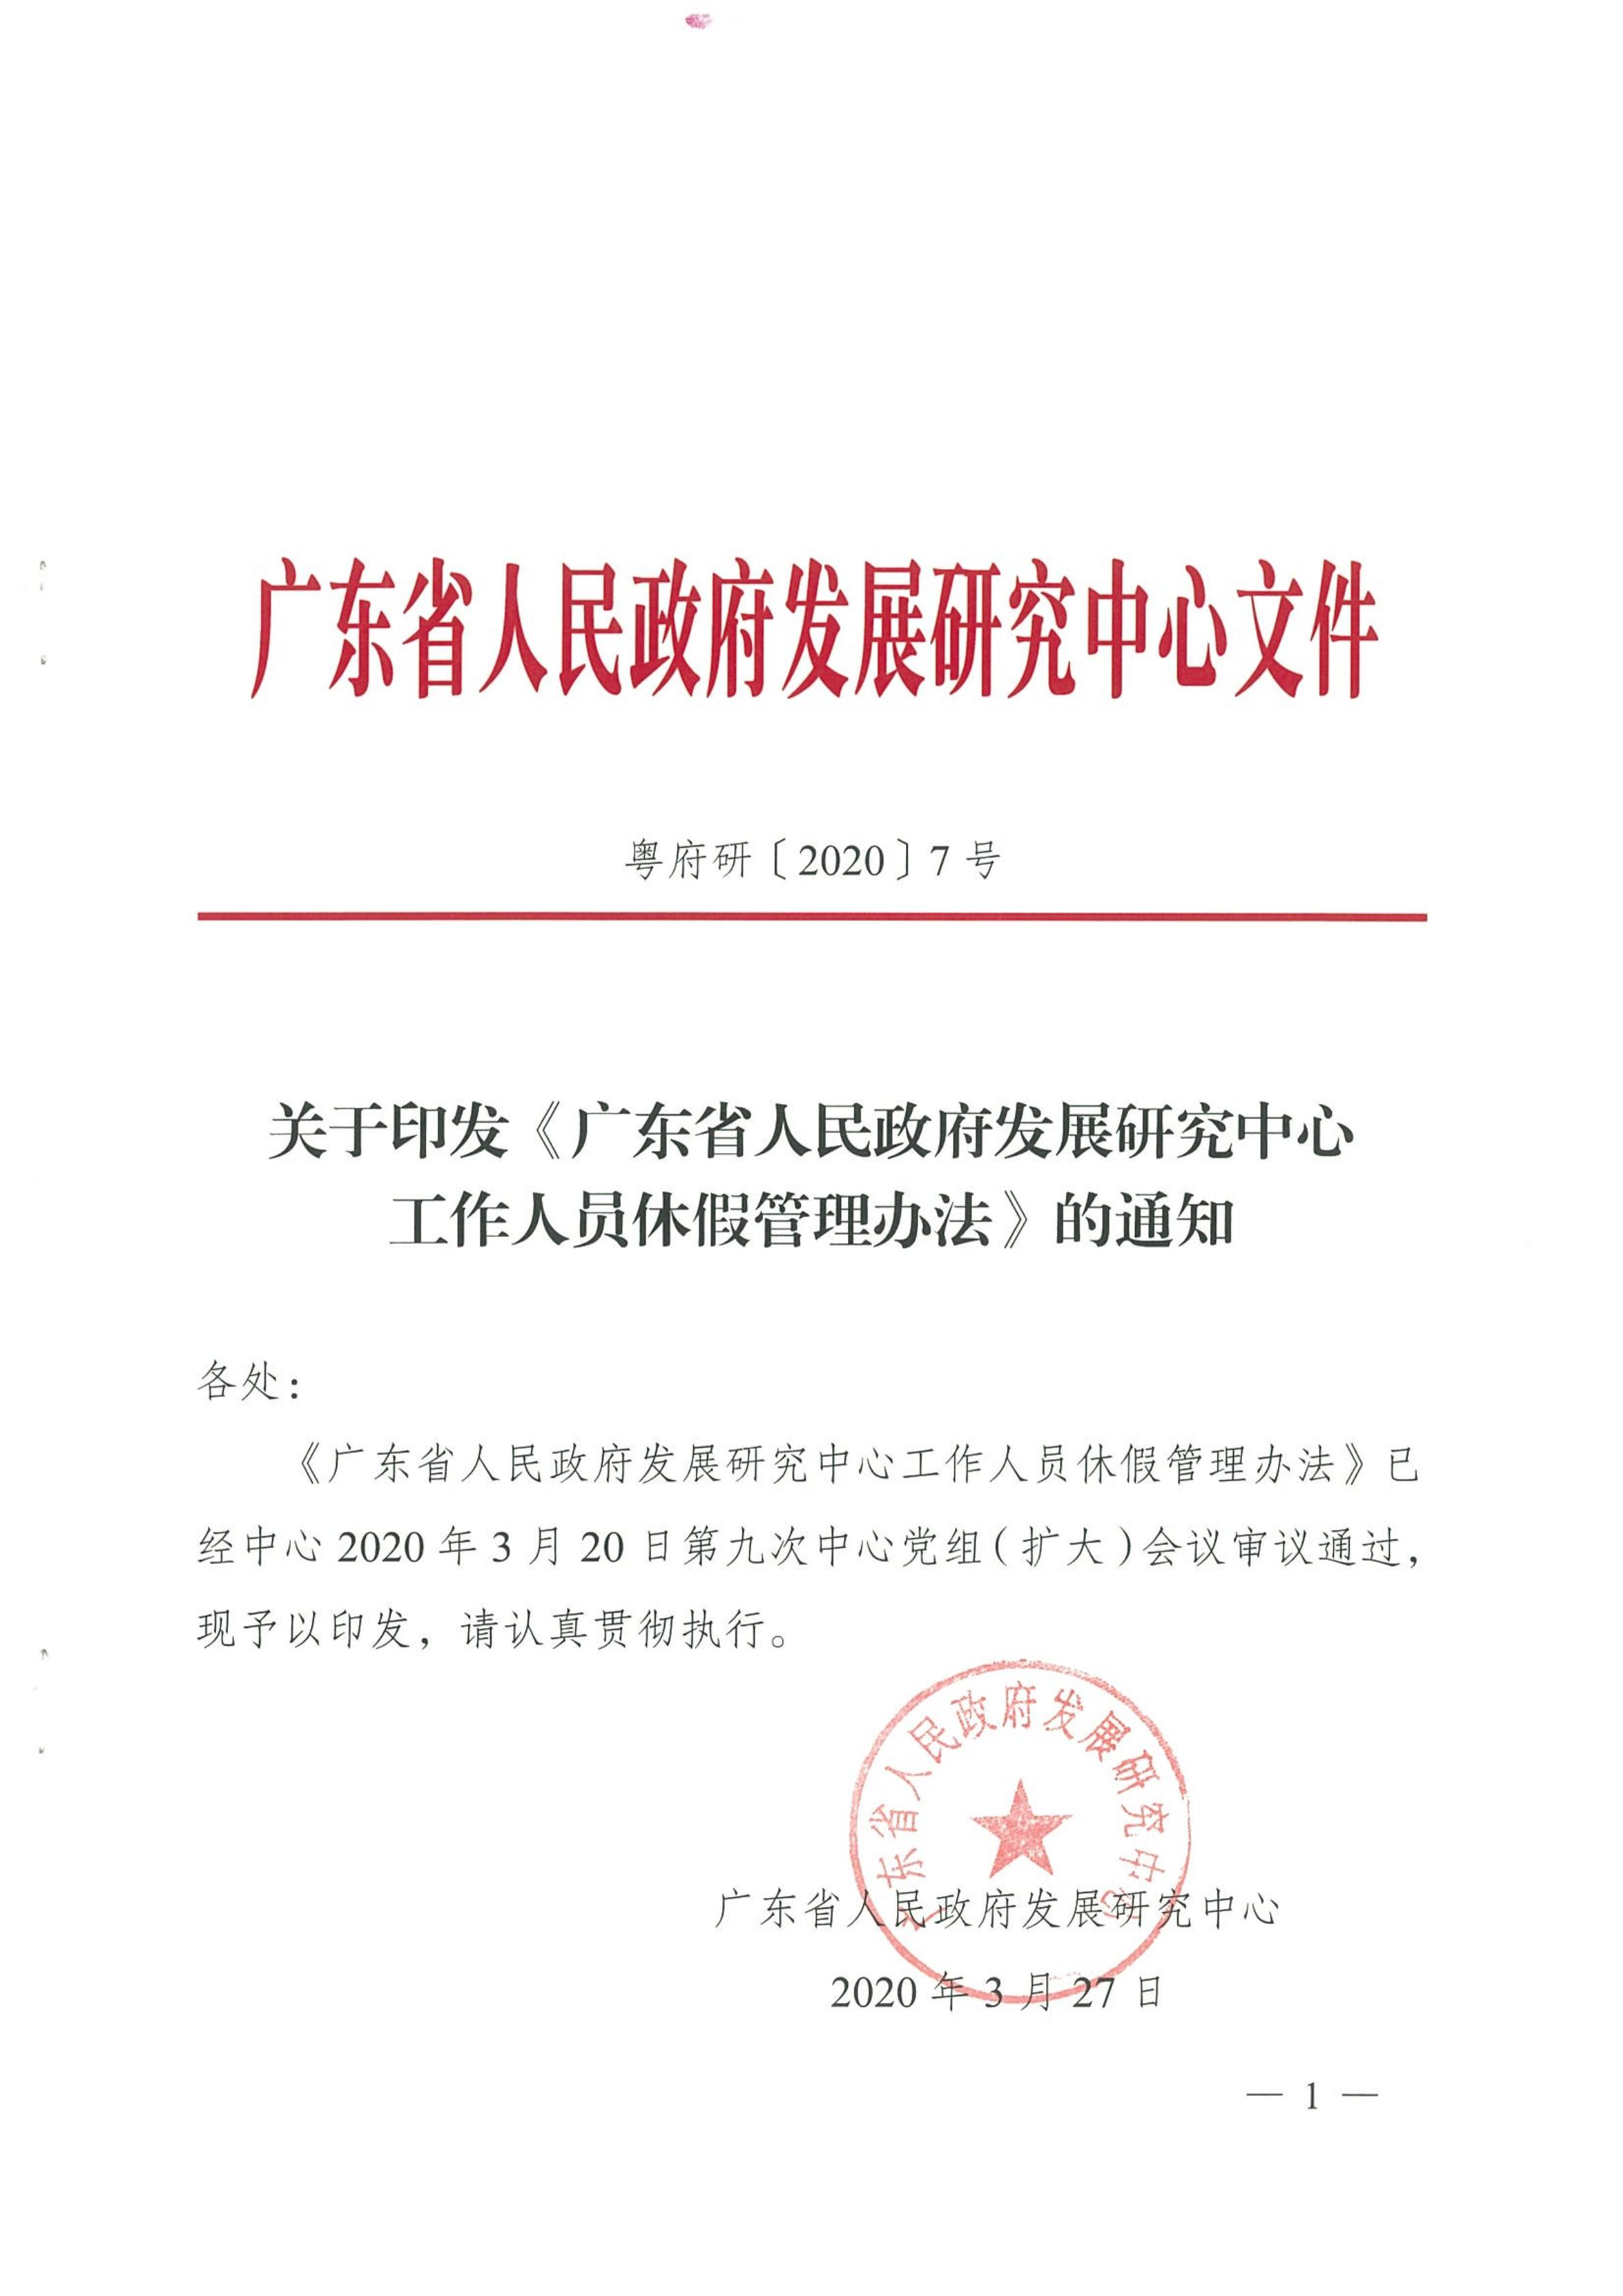 关于印发《广东省人民政府发展研究中心工作人员休假管理办法》的通知_00.jpg